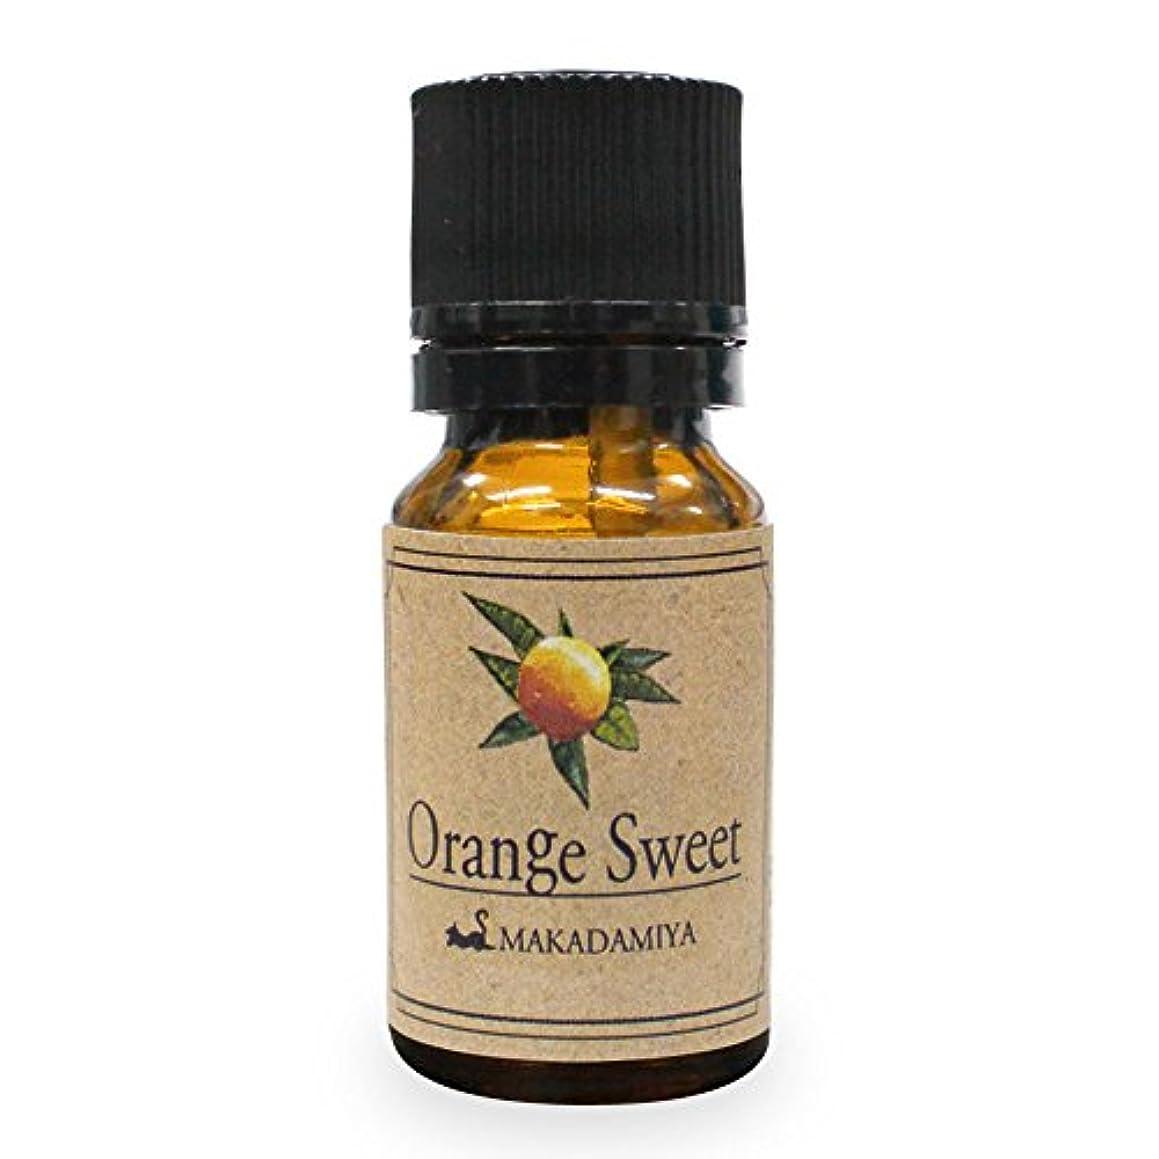 騙す結婚するわずかにオレンジ・スイート10ml 天然100%植物性 エッセンシャルオイル(精油) アロマオイル アロママッサージ aroma Orange S.